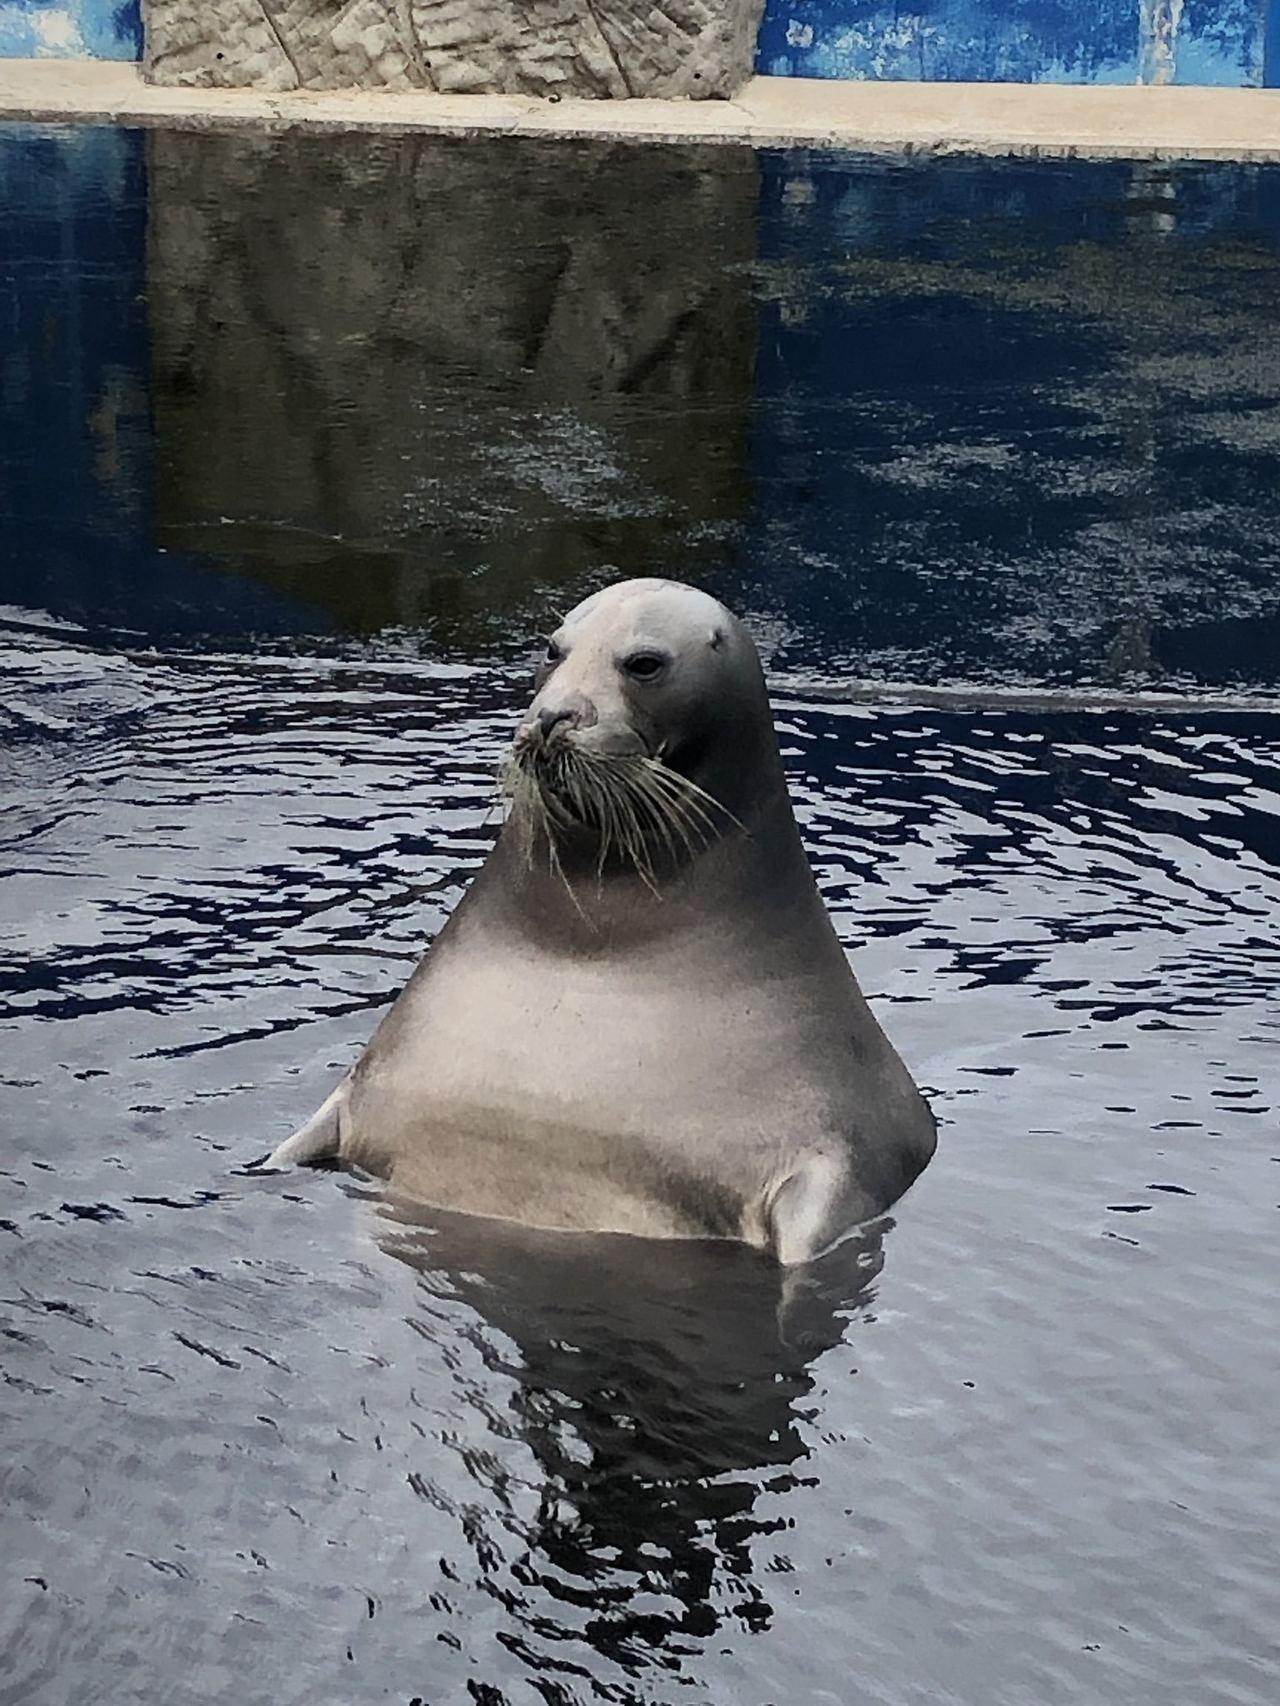 海豹耍廢實錄。圖翻攝自twitter「uruhira」